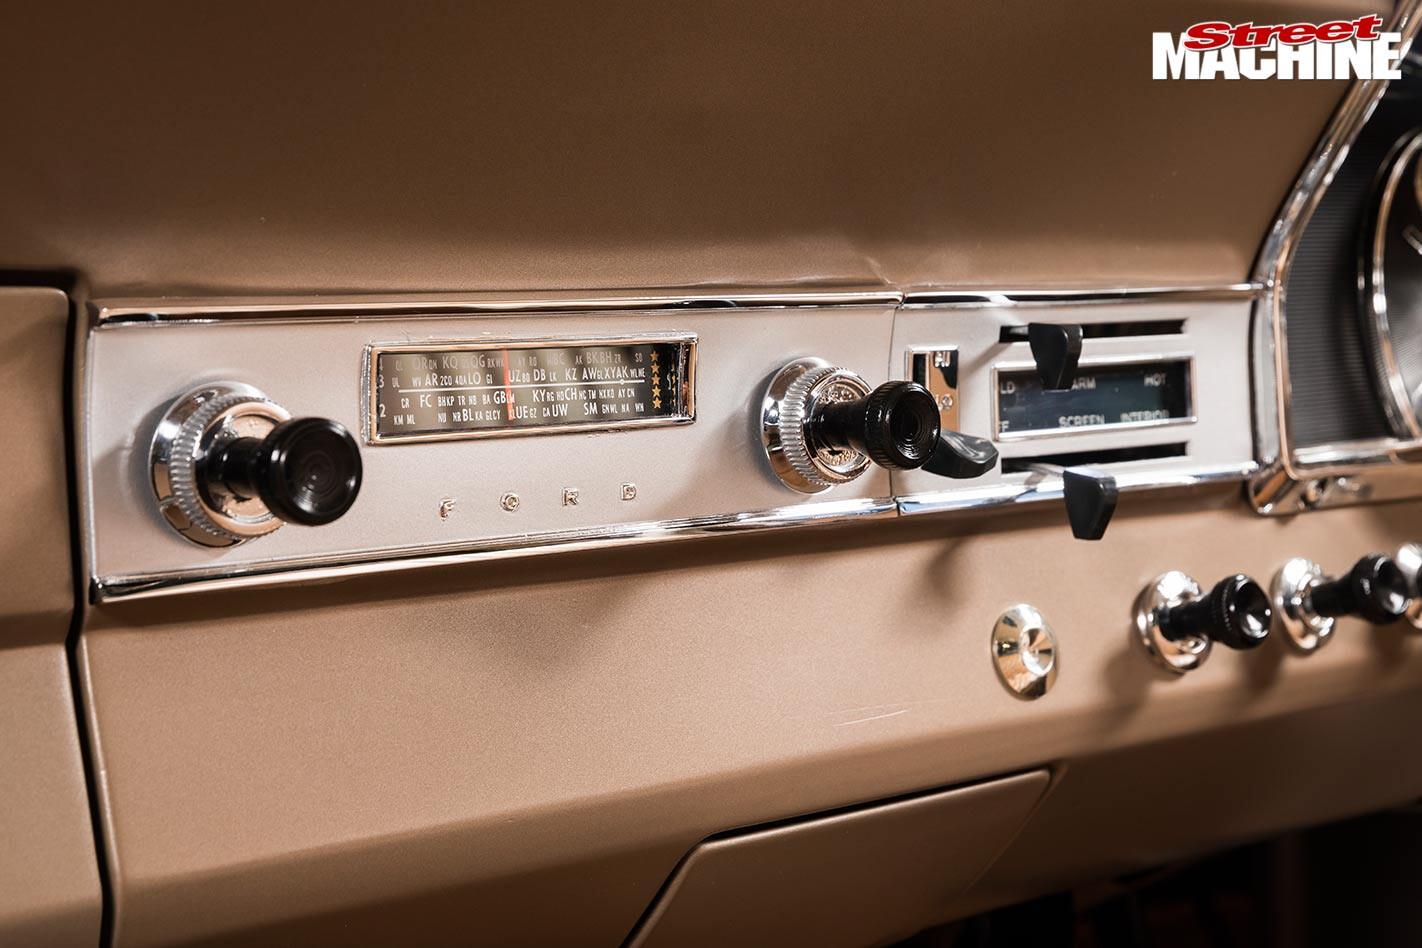 Ford Falcon XR ute radio